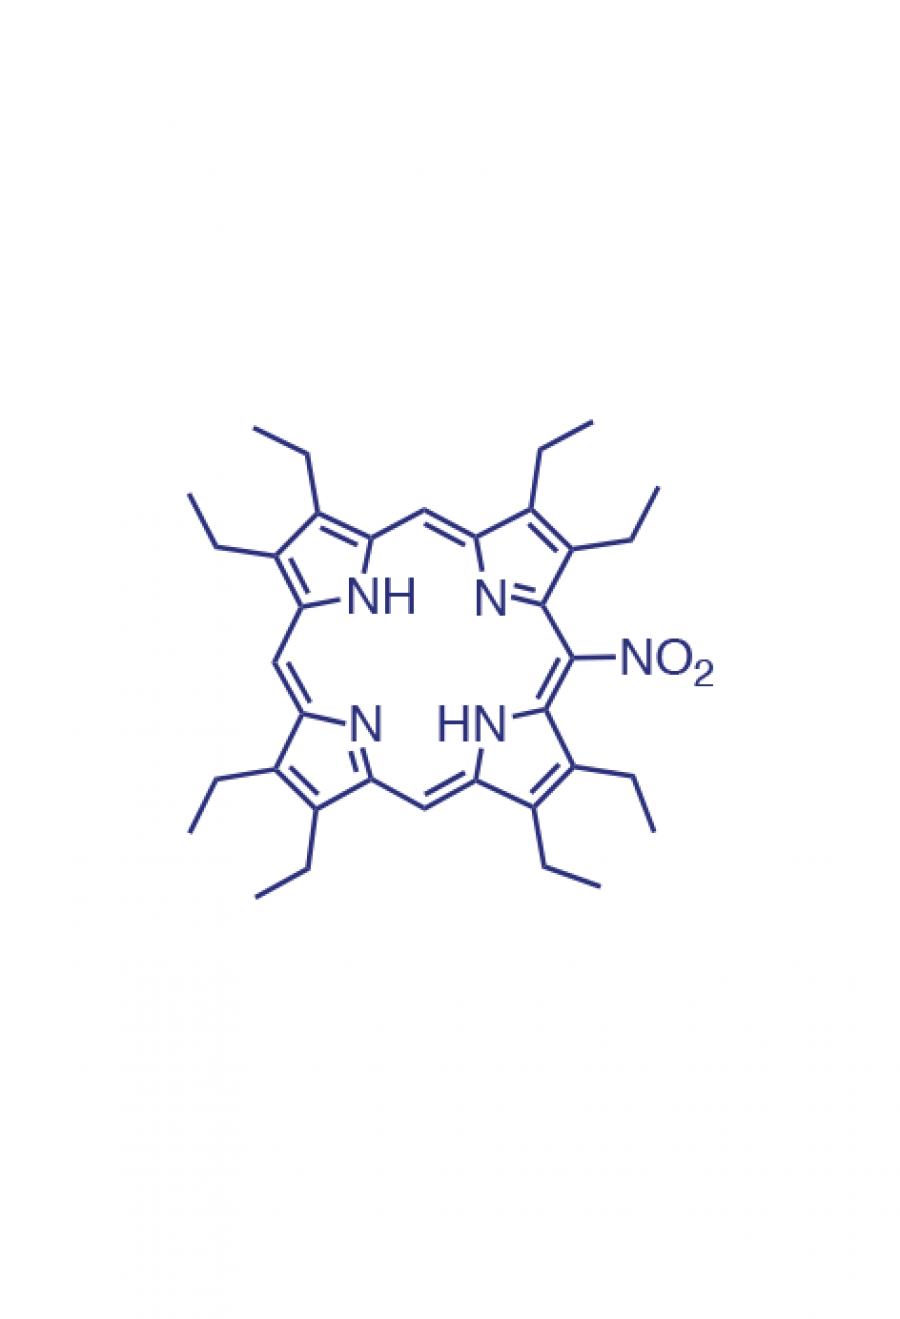 5-(nitro)-2,3,7,8,12,13,17,18-(octaethyl)porphyrin